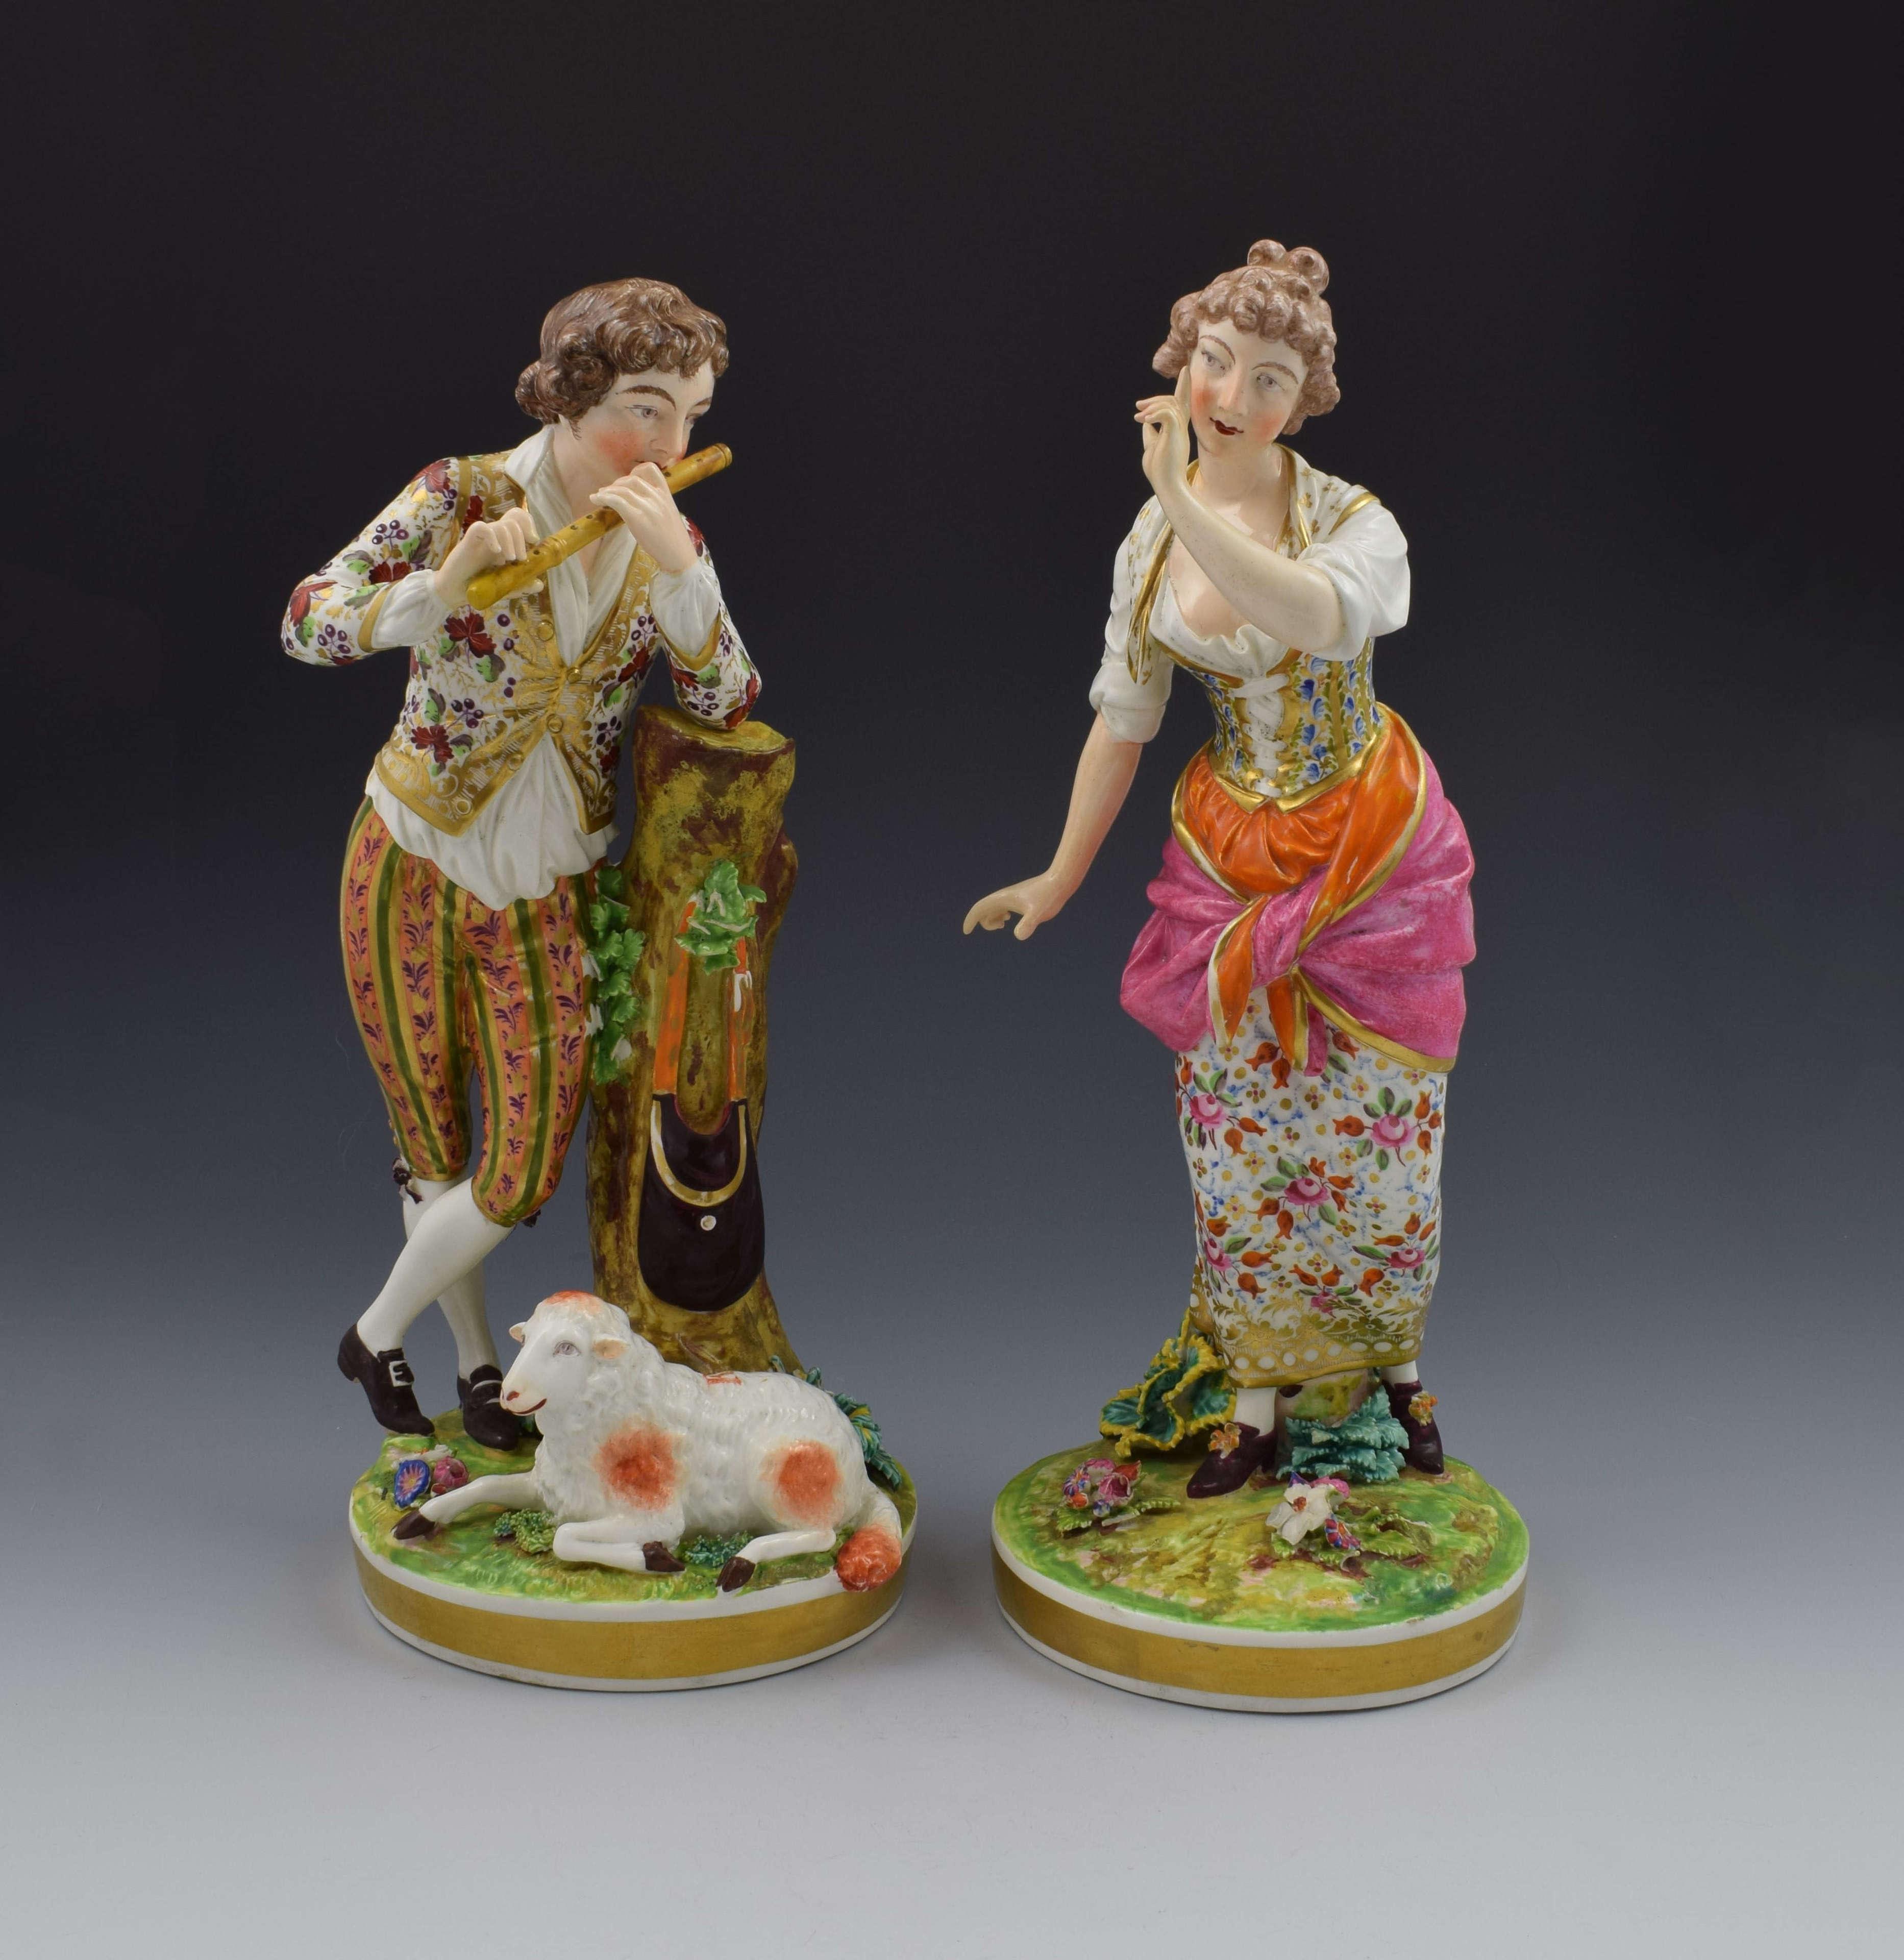 Large Pair Bloor Derby Porcelain Figures Shepherd & Shepherdess N369